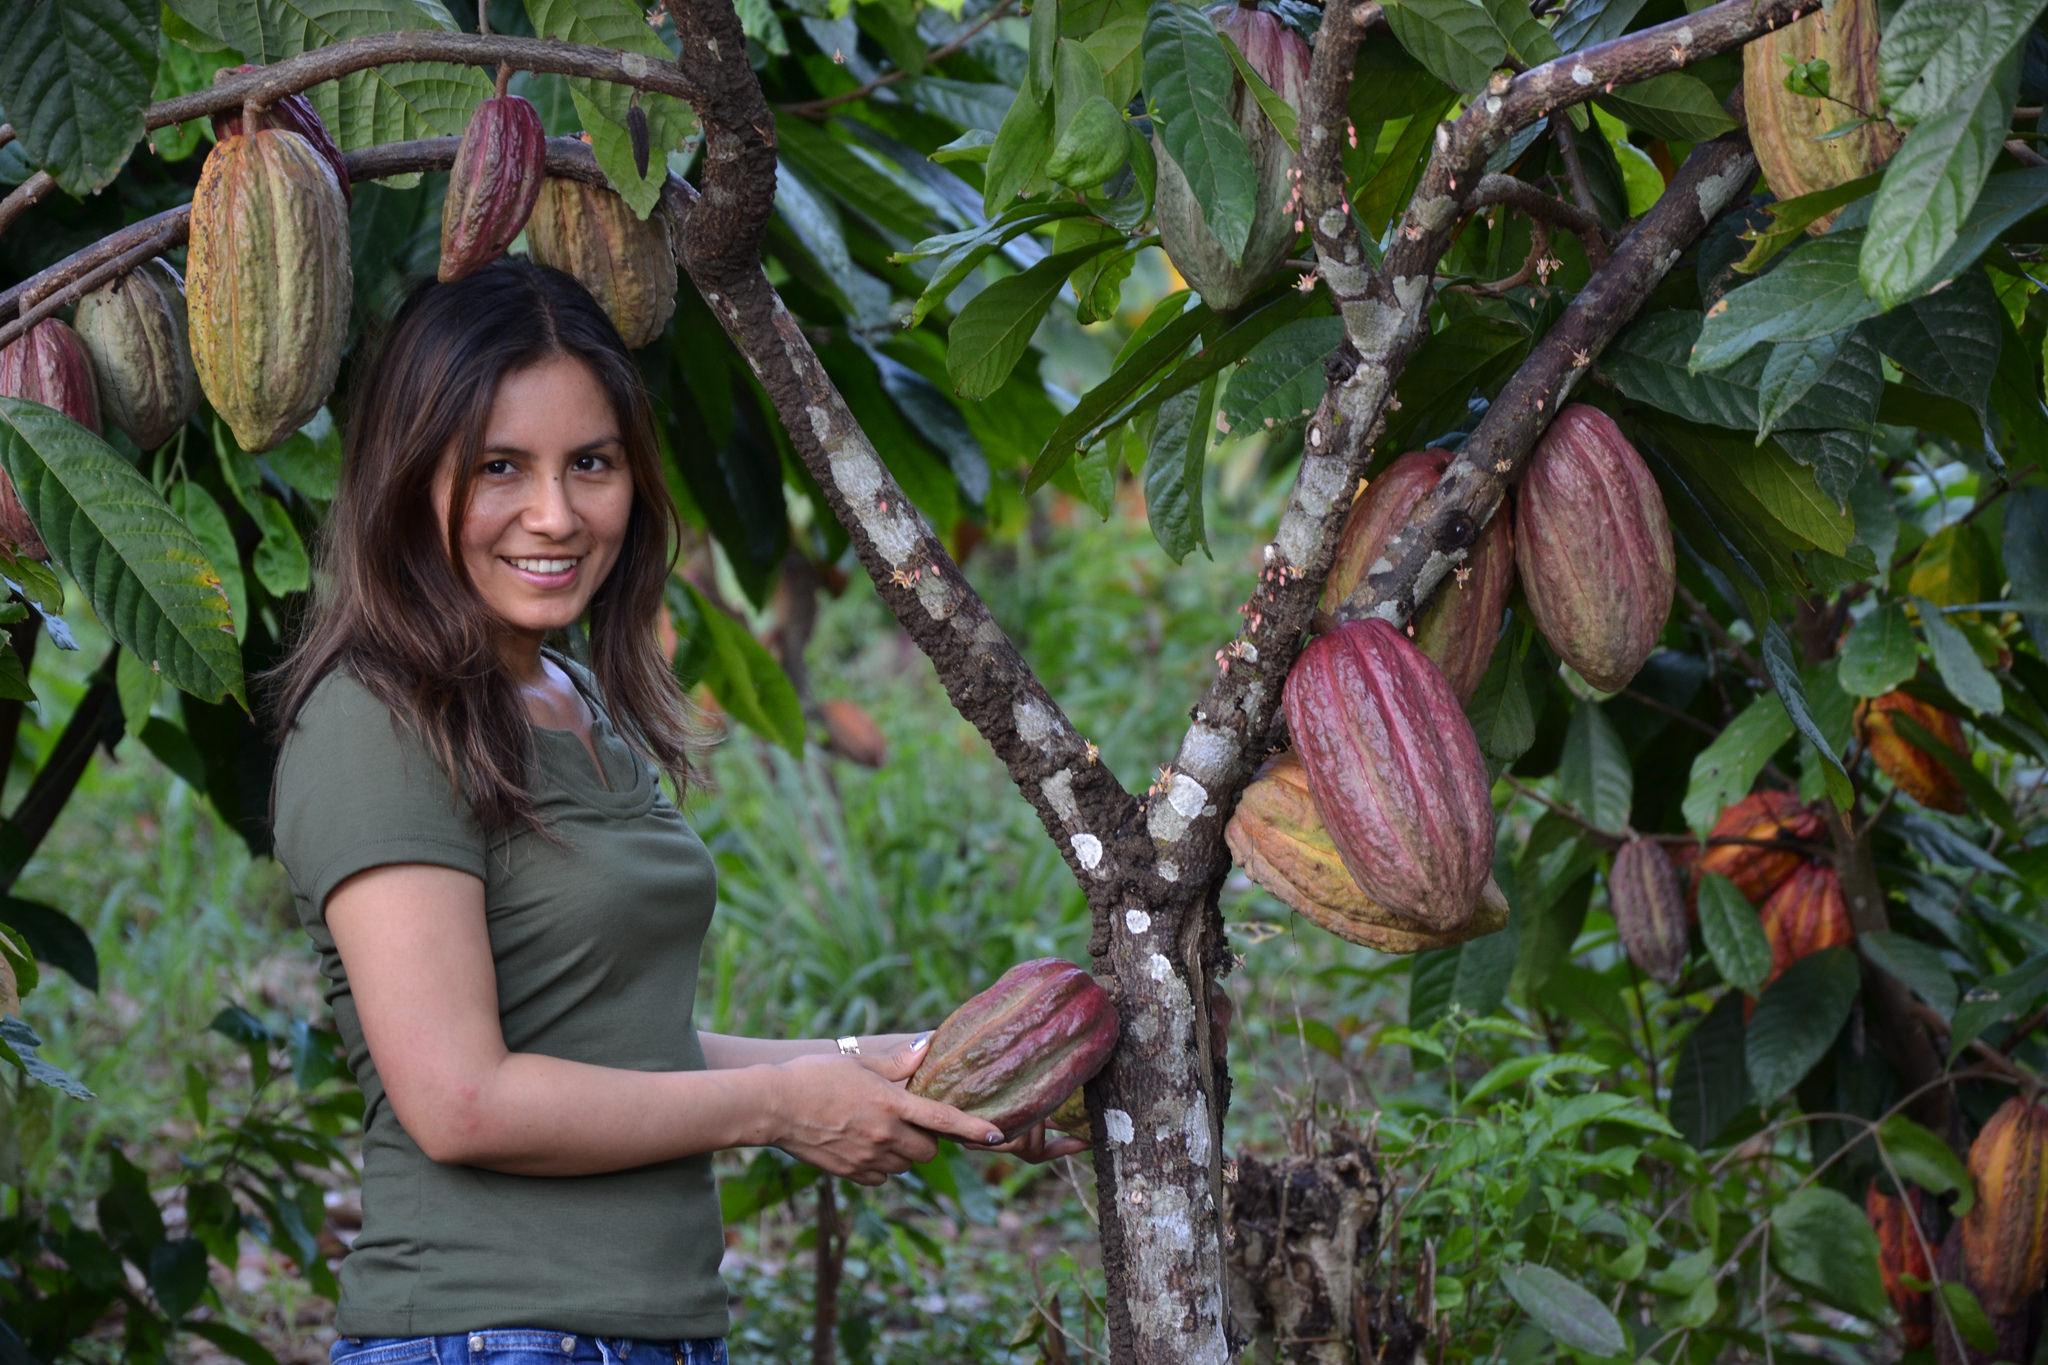 Marisol Najarro weiß, worauf es bei der Kakaopflege ankommt. Foto: ForestFinance